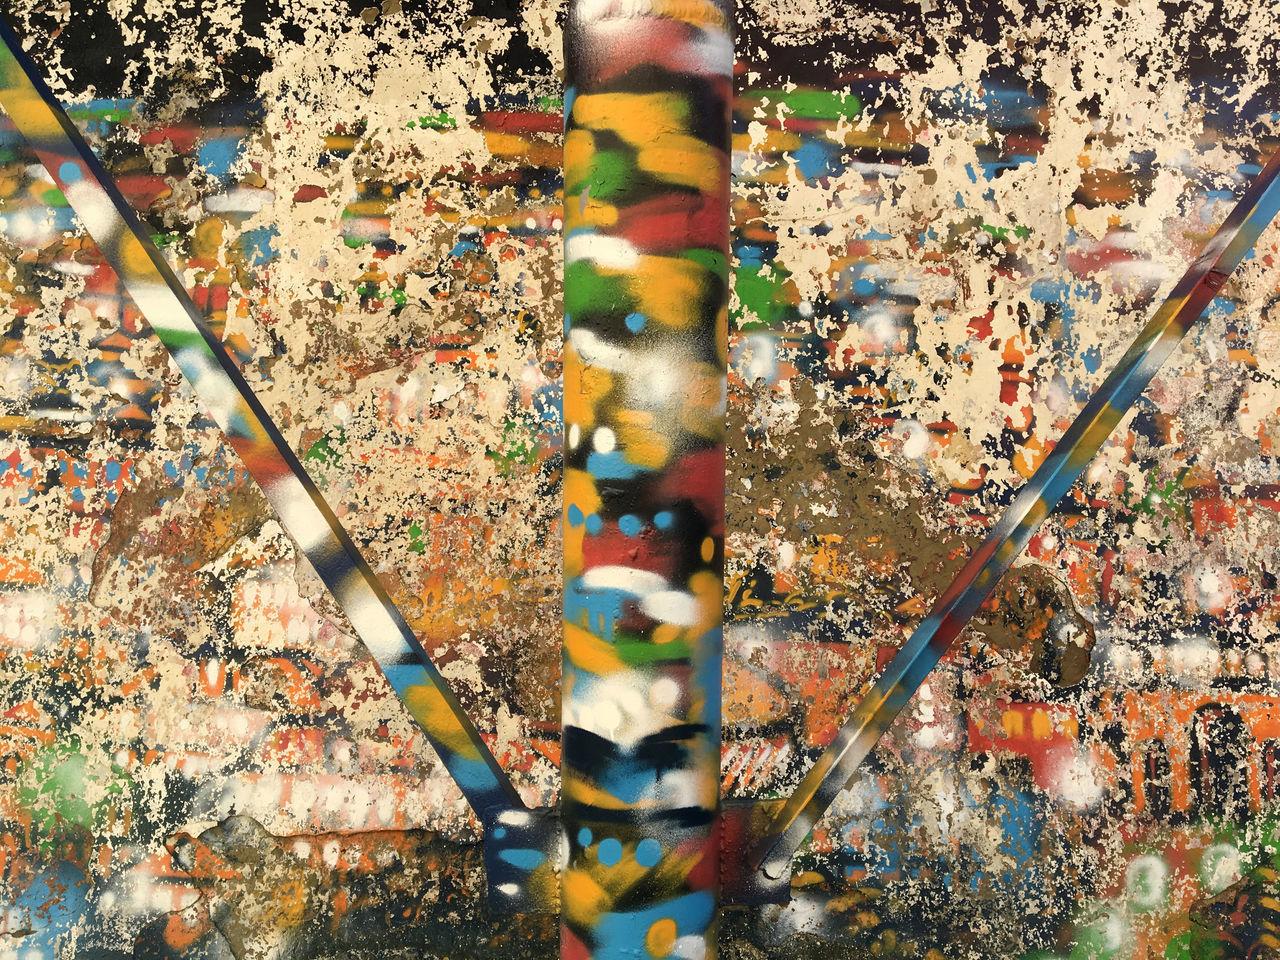 HIGH ANGLE VIEW OF GRAFFITI WALL